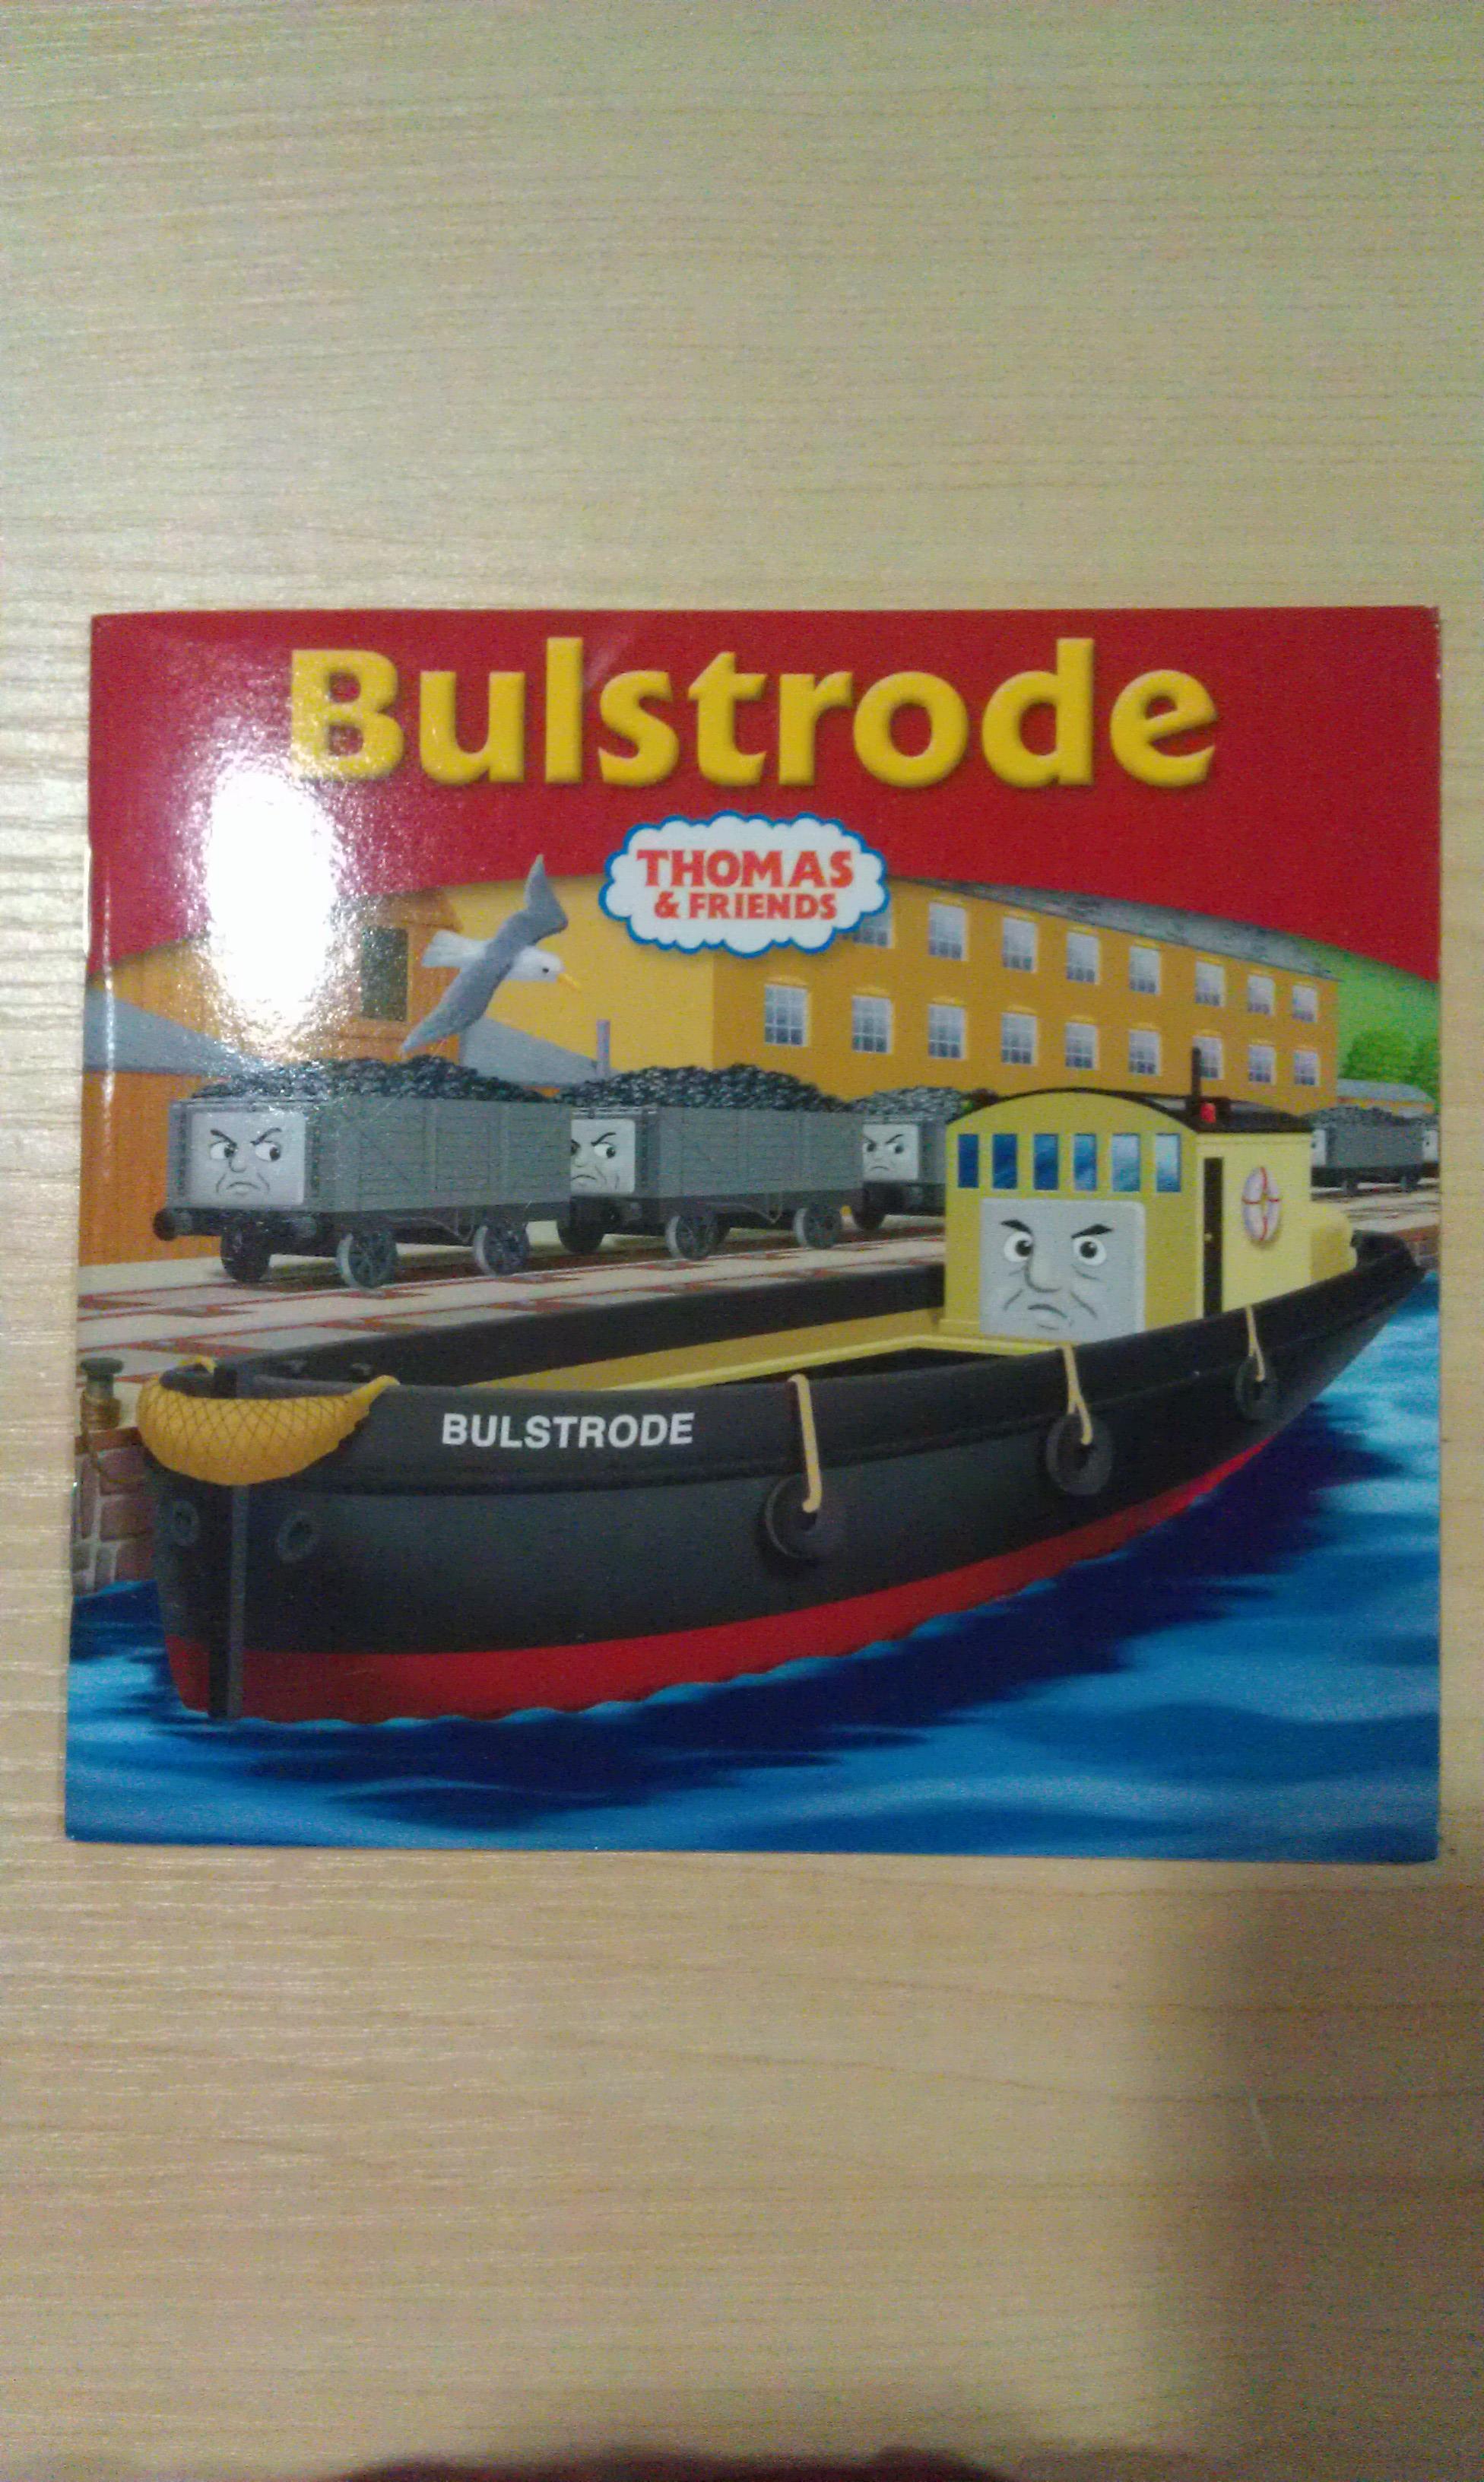 Bulstrode